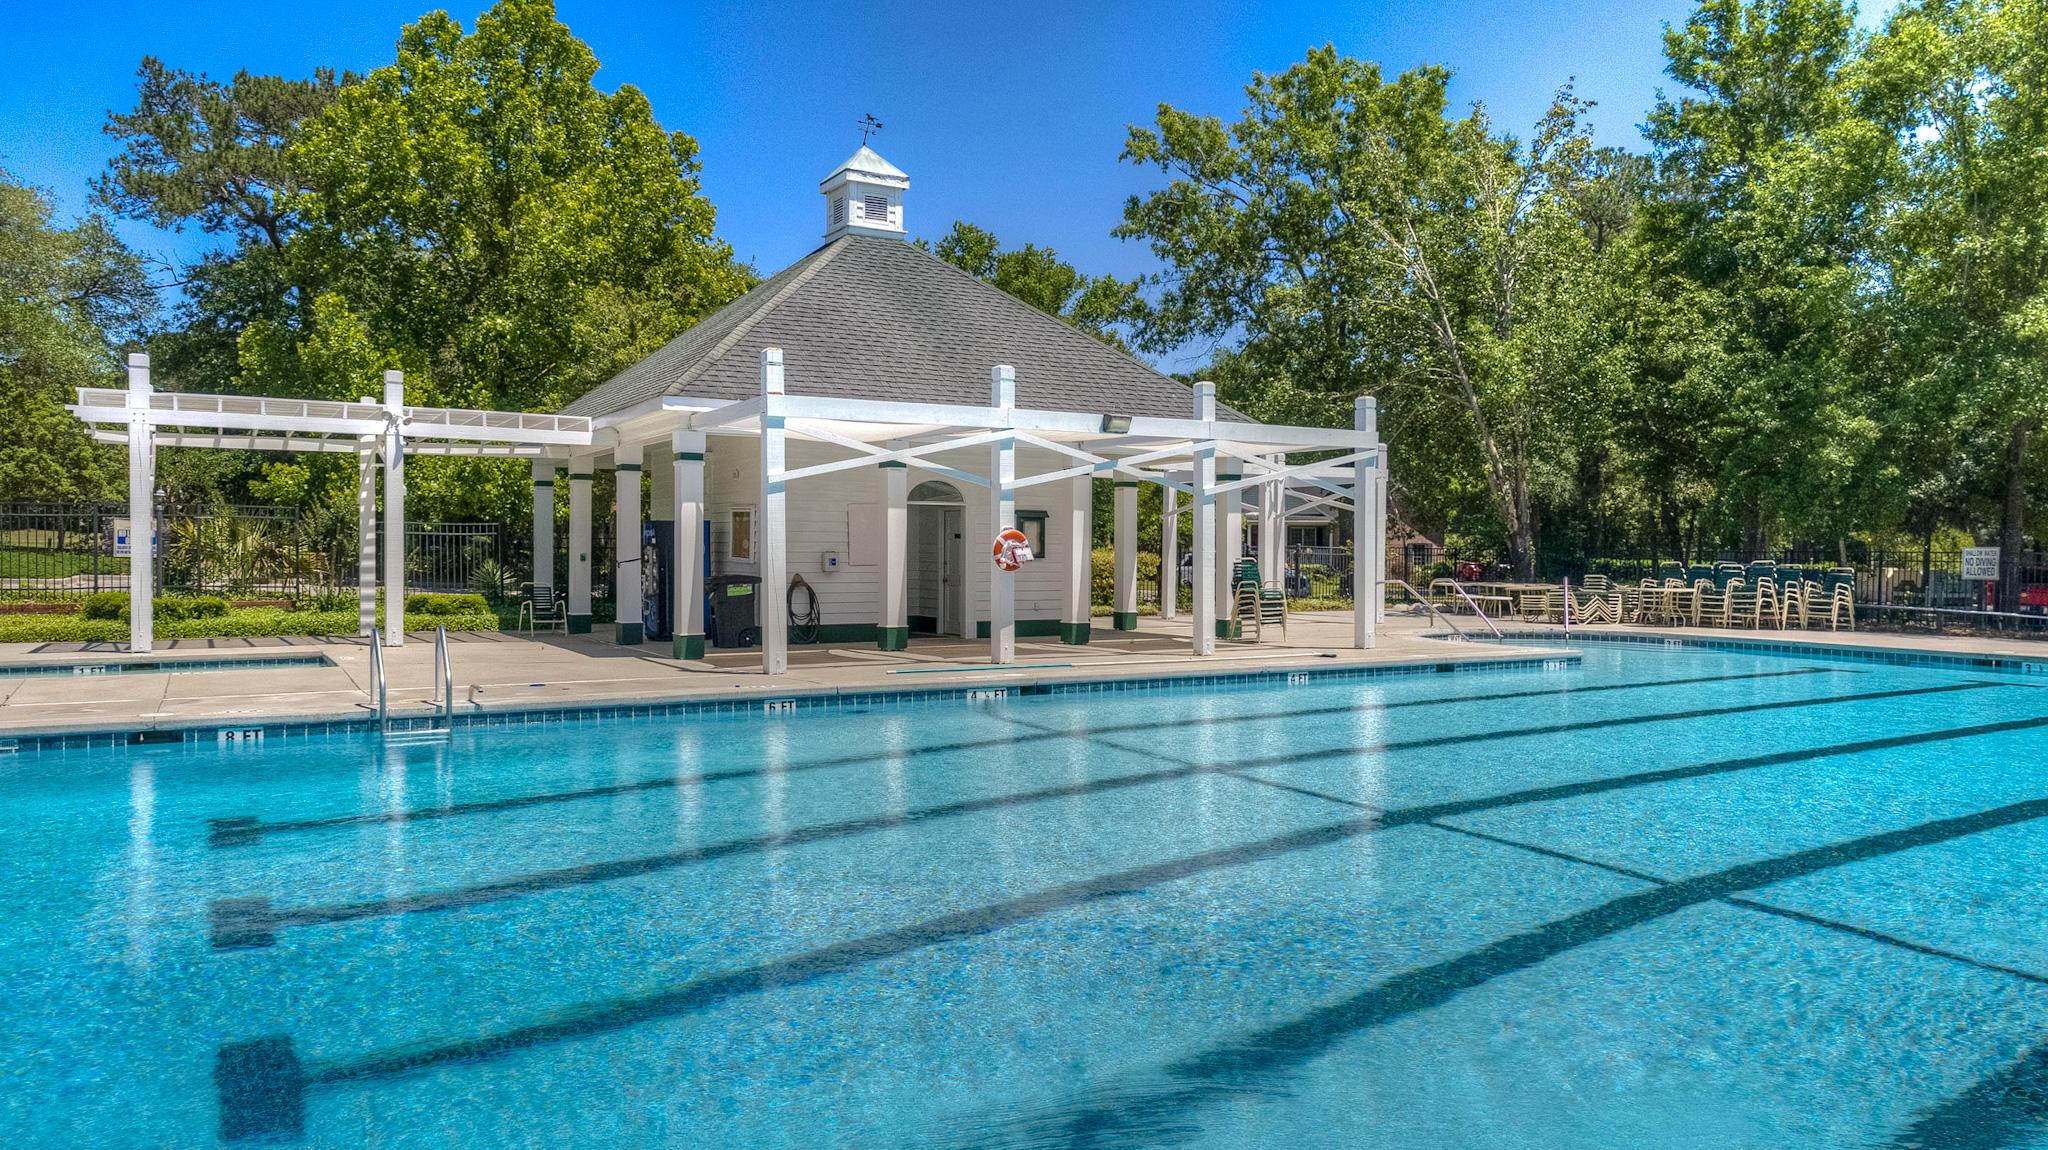 Highlands of Legend Oaks Homes For Sale - 165 Golf View, Summerville, SC - 27